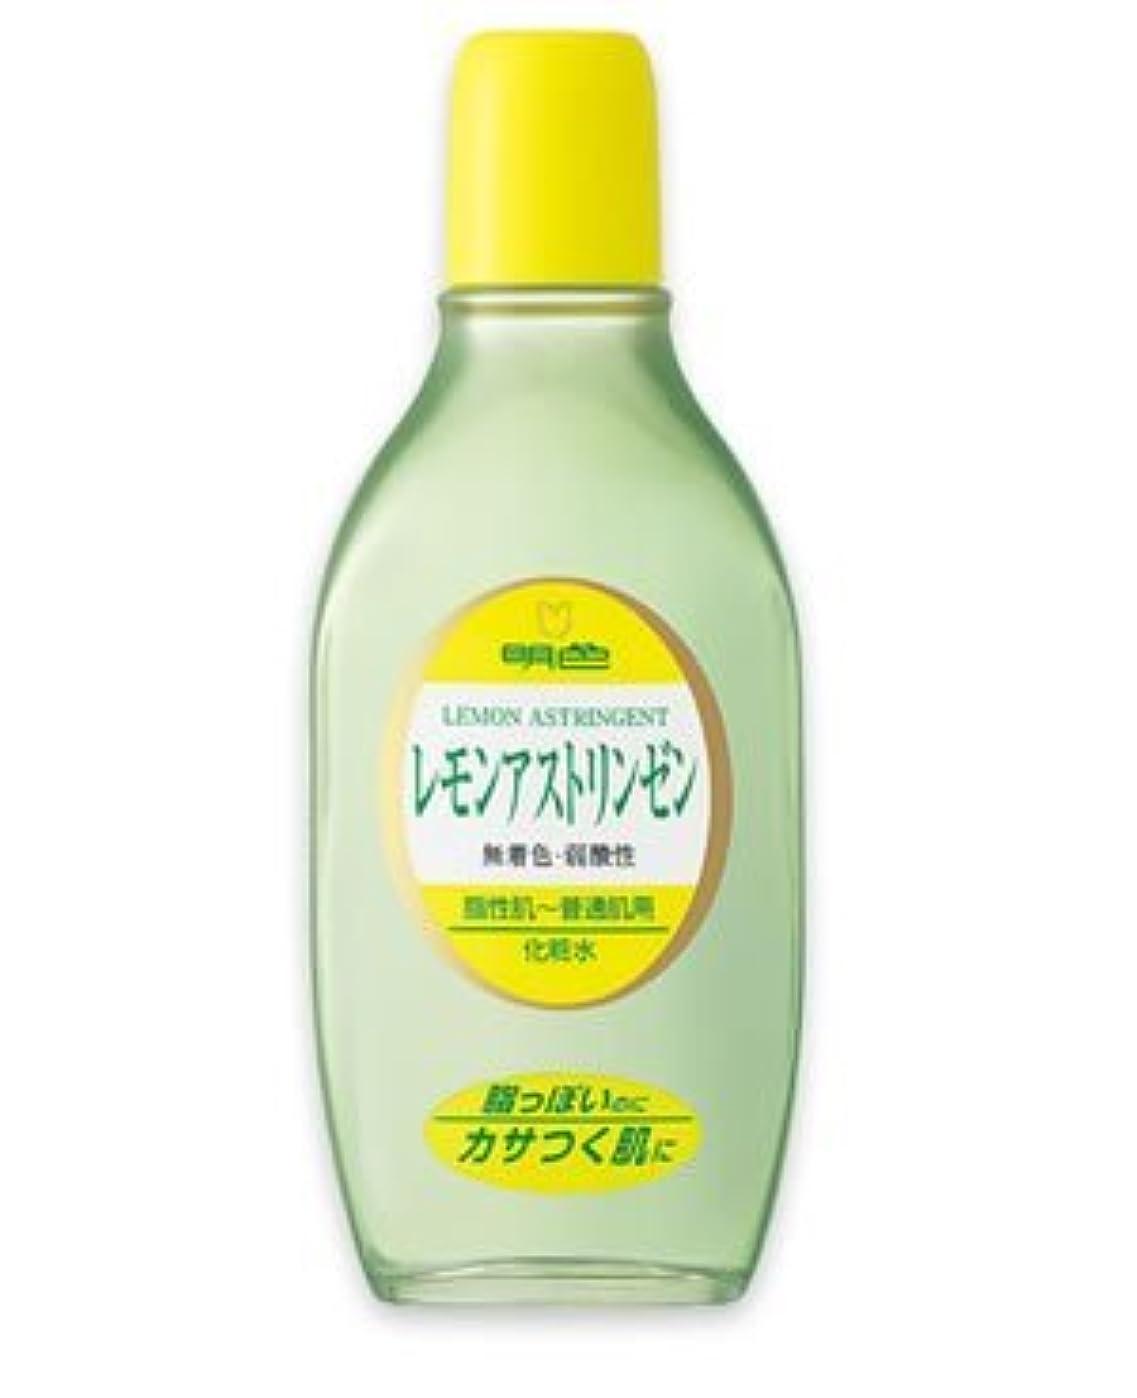 計算本物の小包(明色)レモンアストリンゼン 170ml(お買い得3本セット)